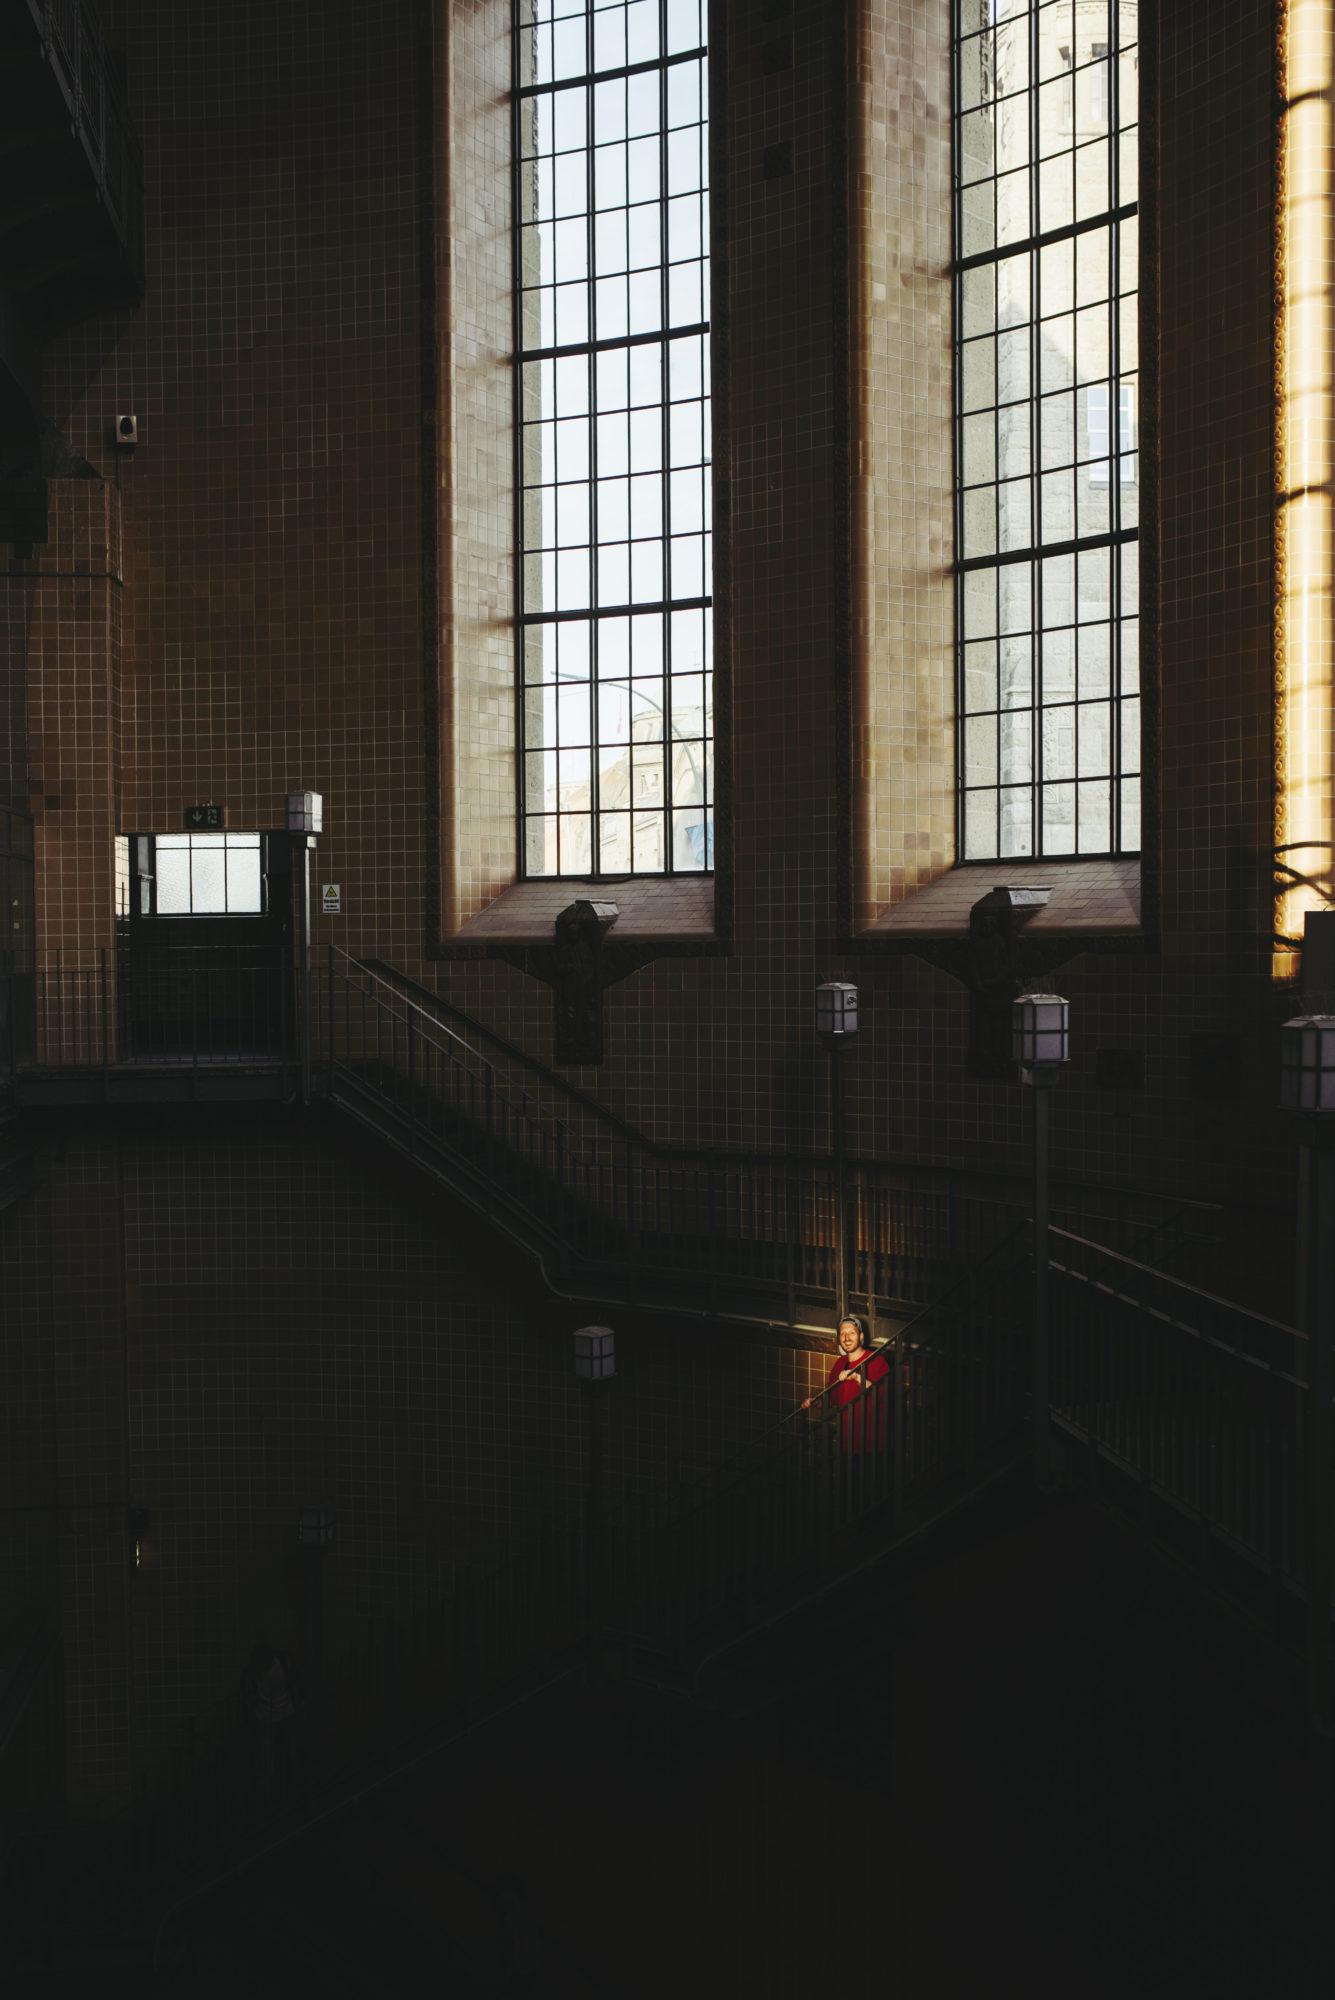 Aufnahmen für »Einfach anziehend« im Alten Elbtunnel zu Hamburg | Foto: Rene Zieger | GROSS∆RTIG